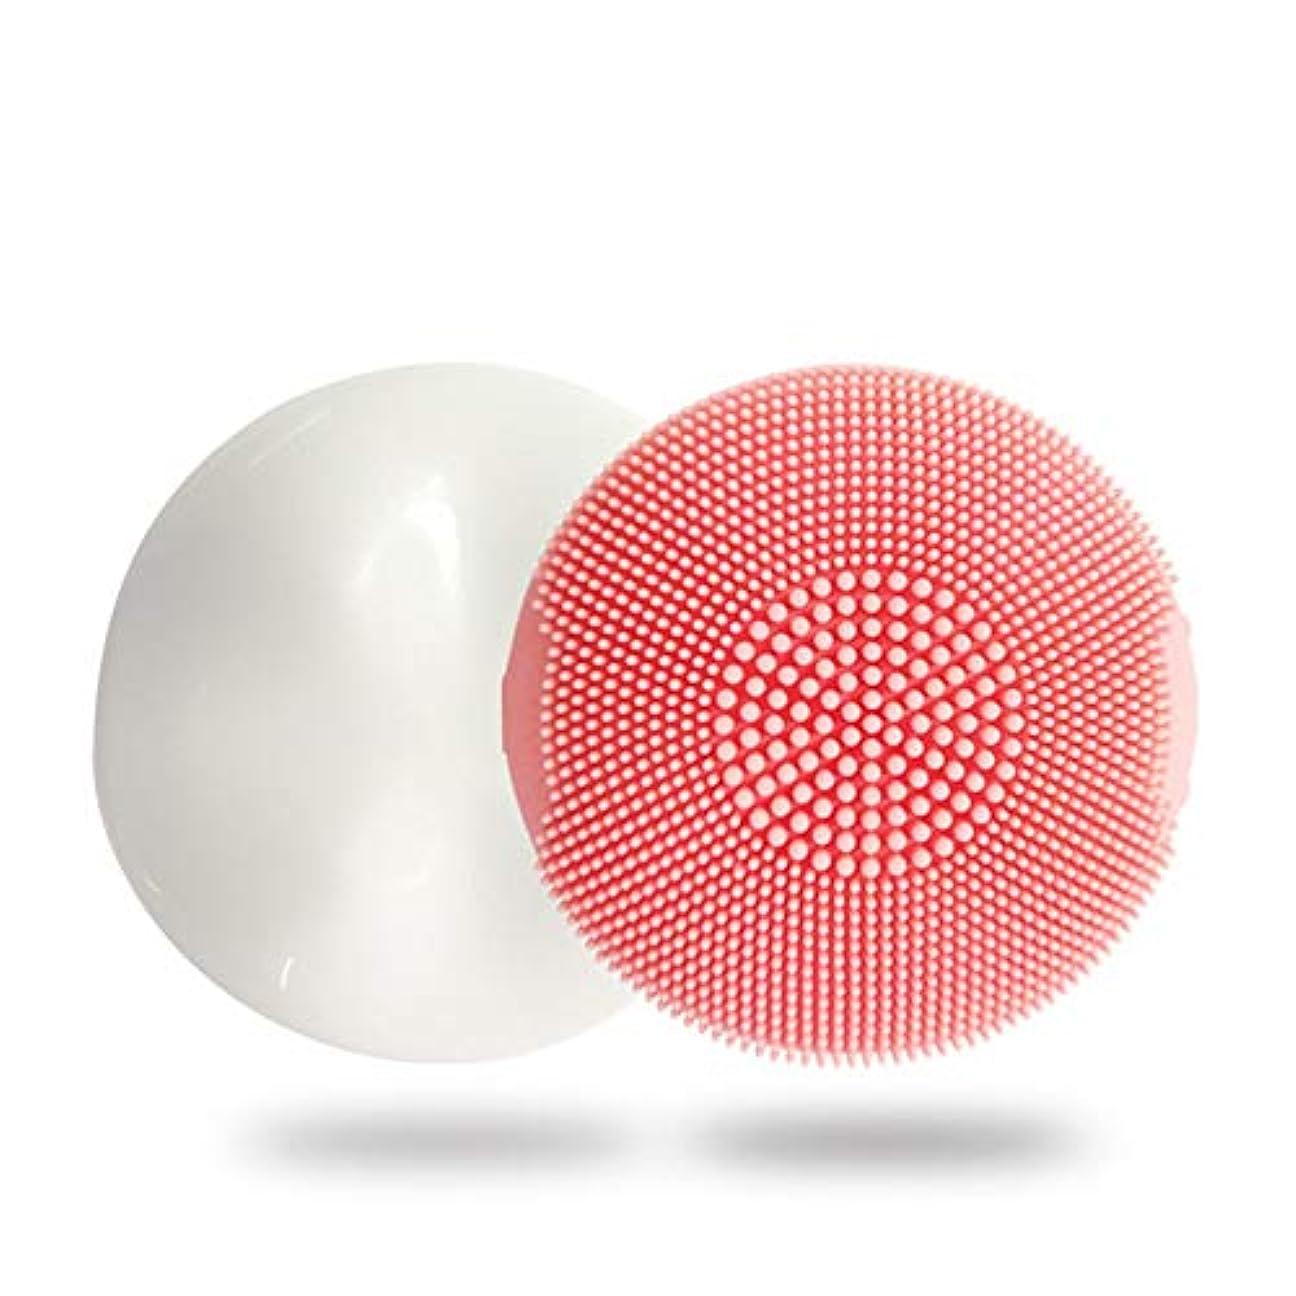 癒す眉をひそめるリサイクルするZXF 新電動シリコーンクレンジングブラシディープクリーニングポア防水超音波振動クレンジング楽器マッサージ器具美容器具 滑らかである (色 : Pink)